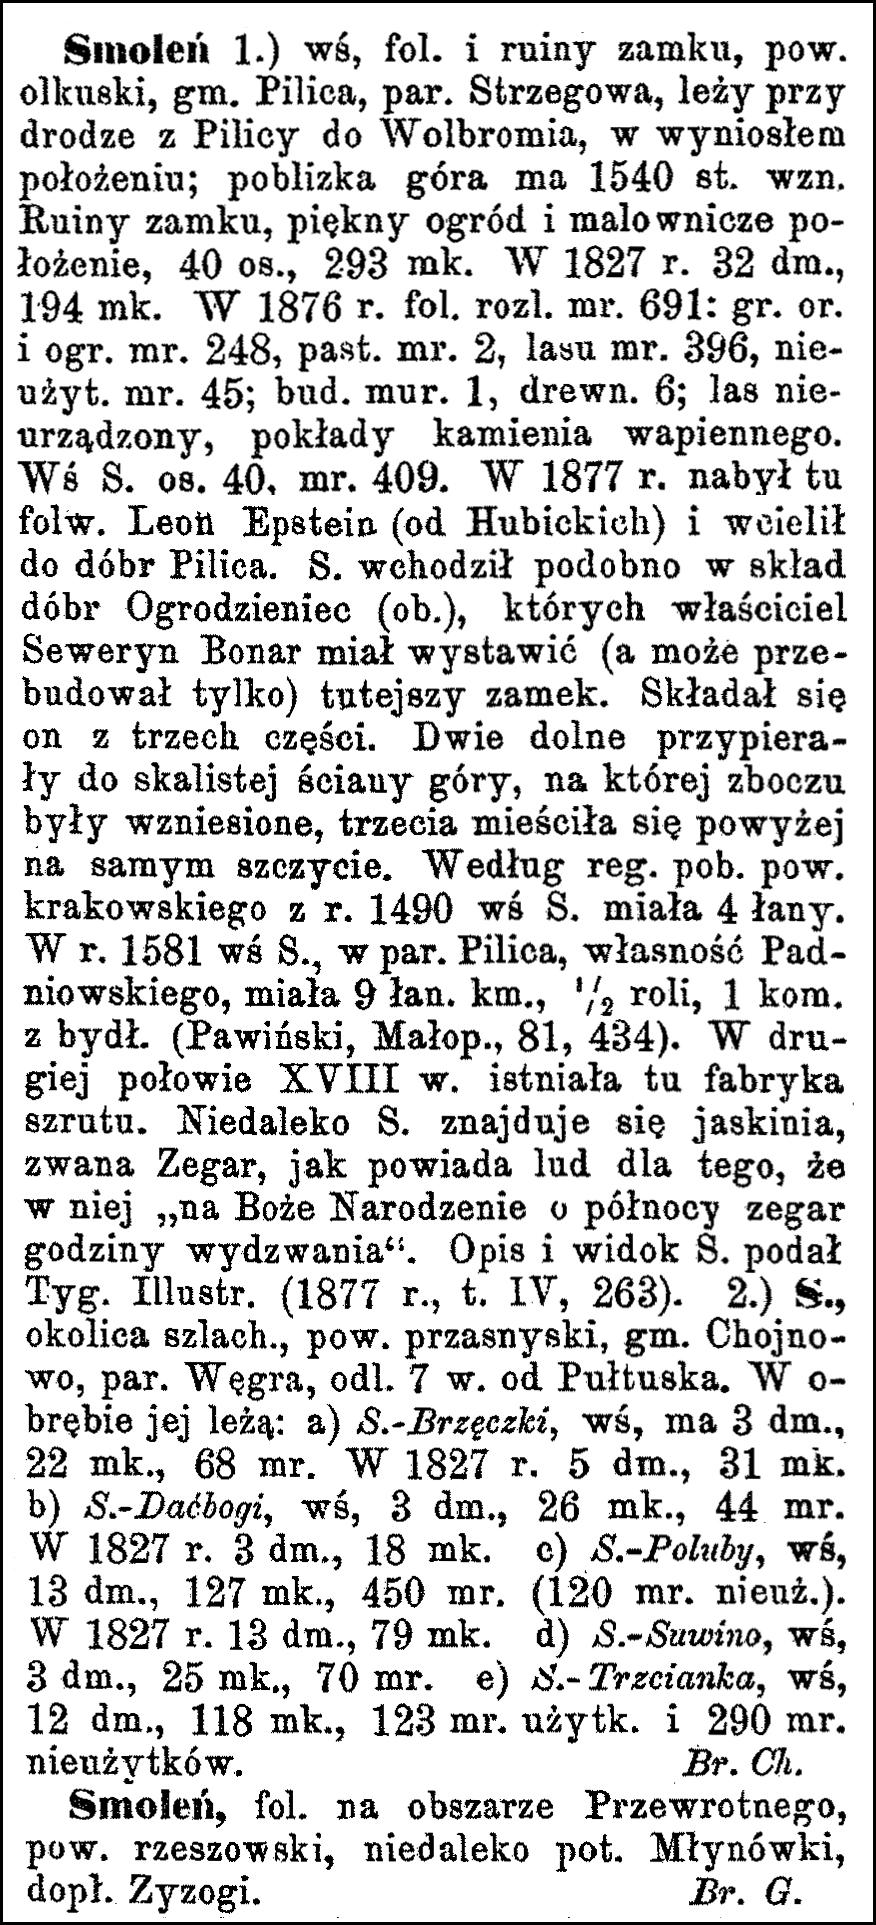 Słownik Geograficzny Entry for Smoleń